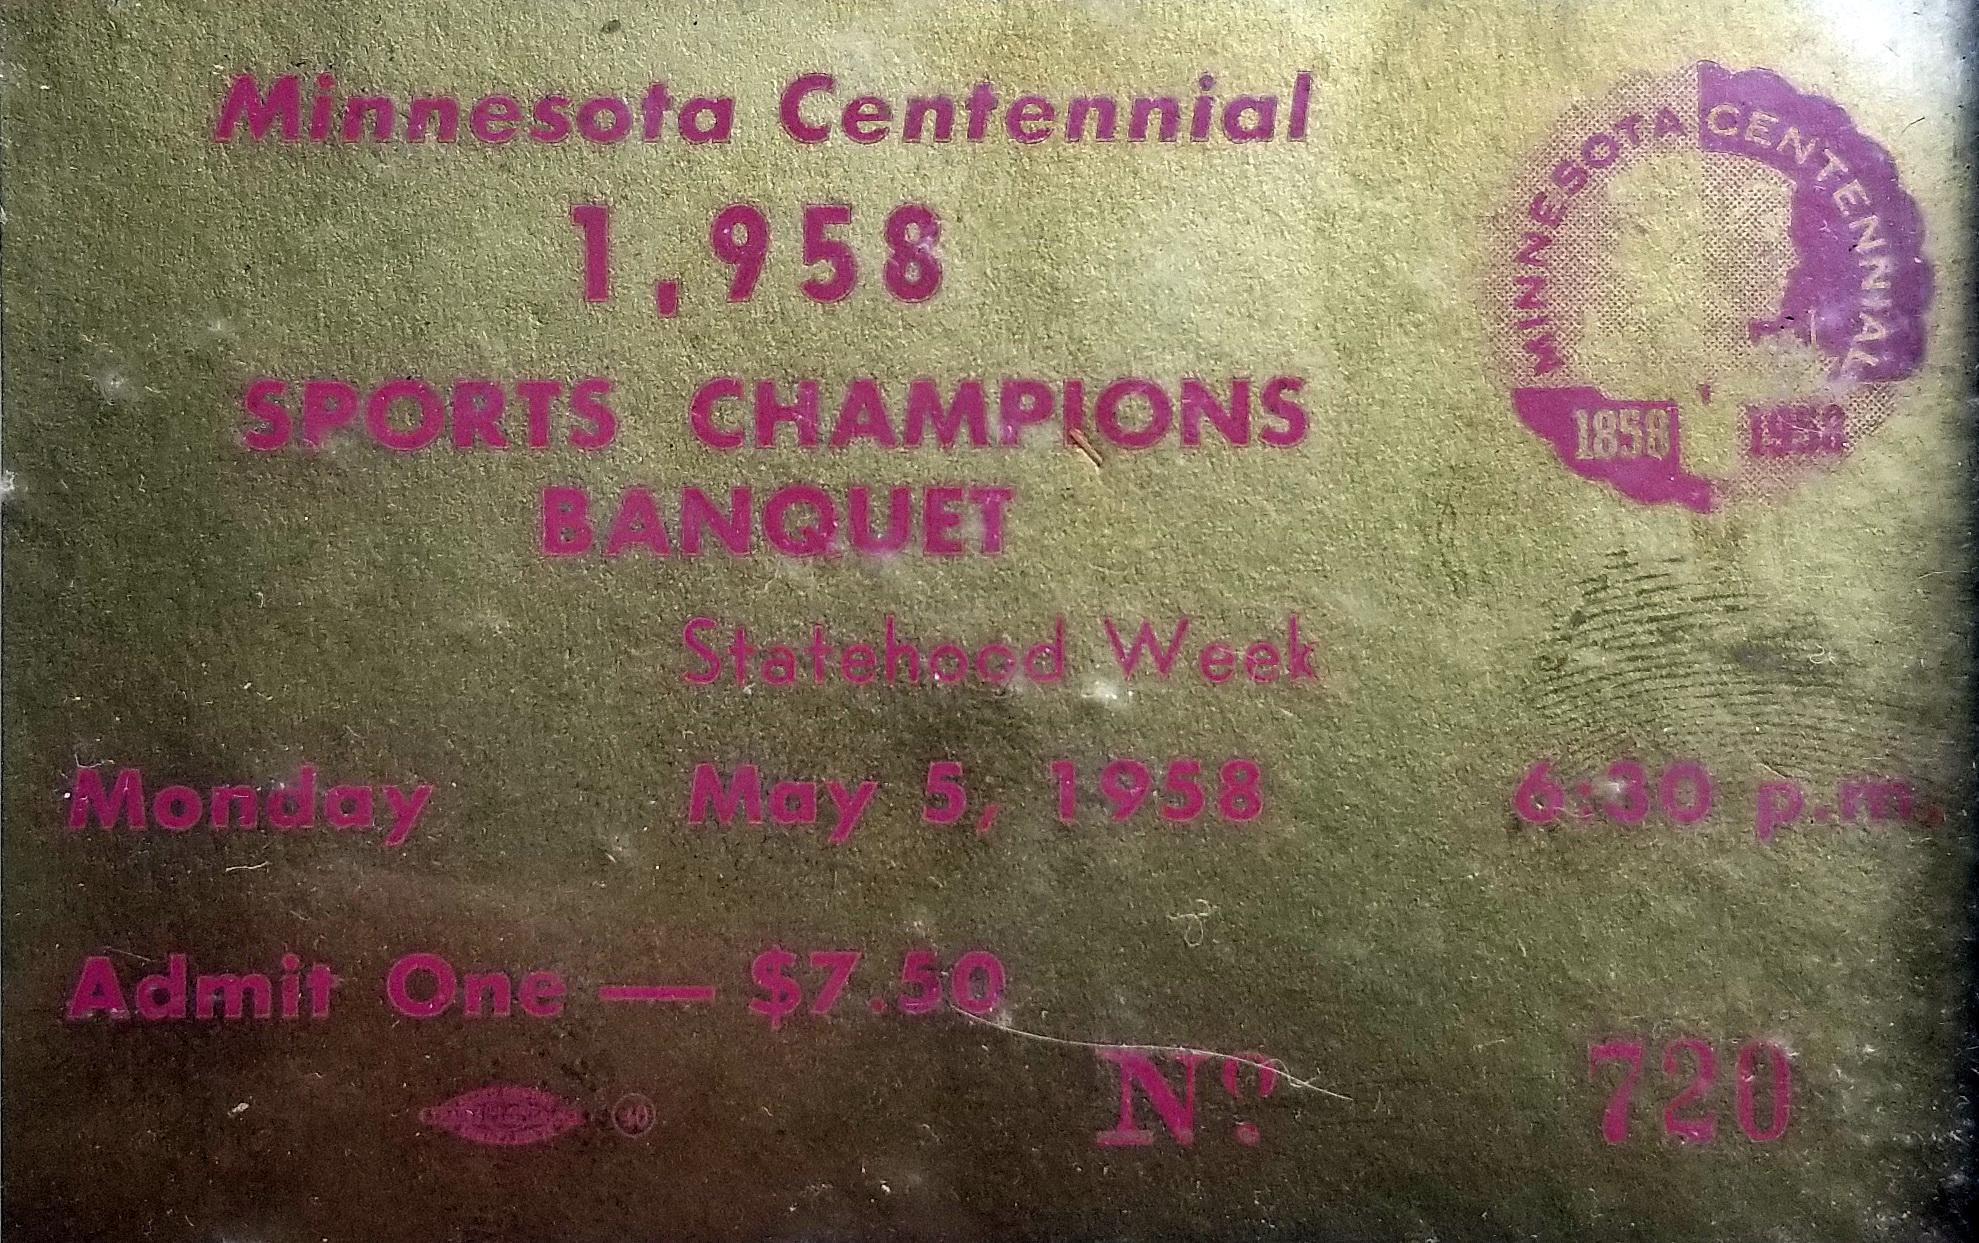 Minnesota Sports Centennial Hall of Fame - 1958